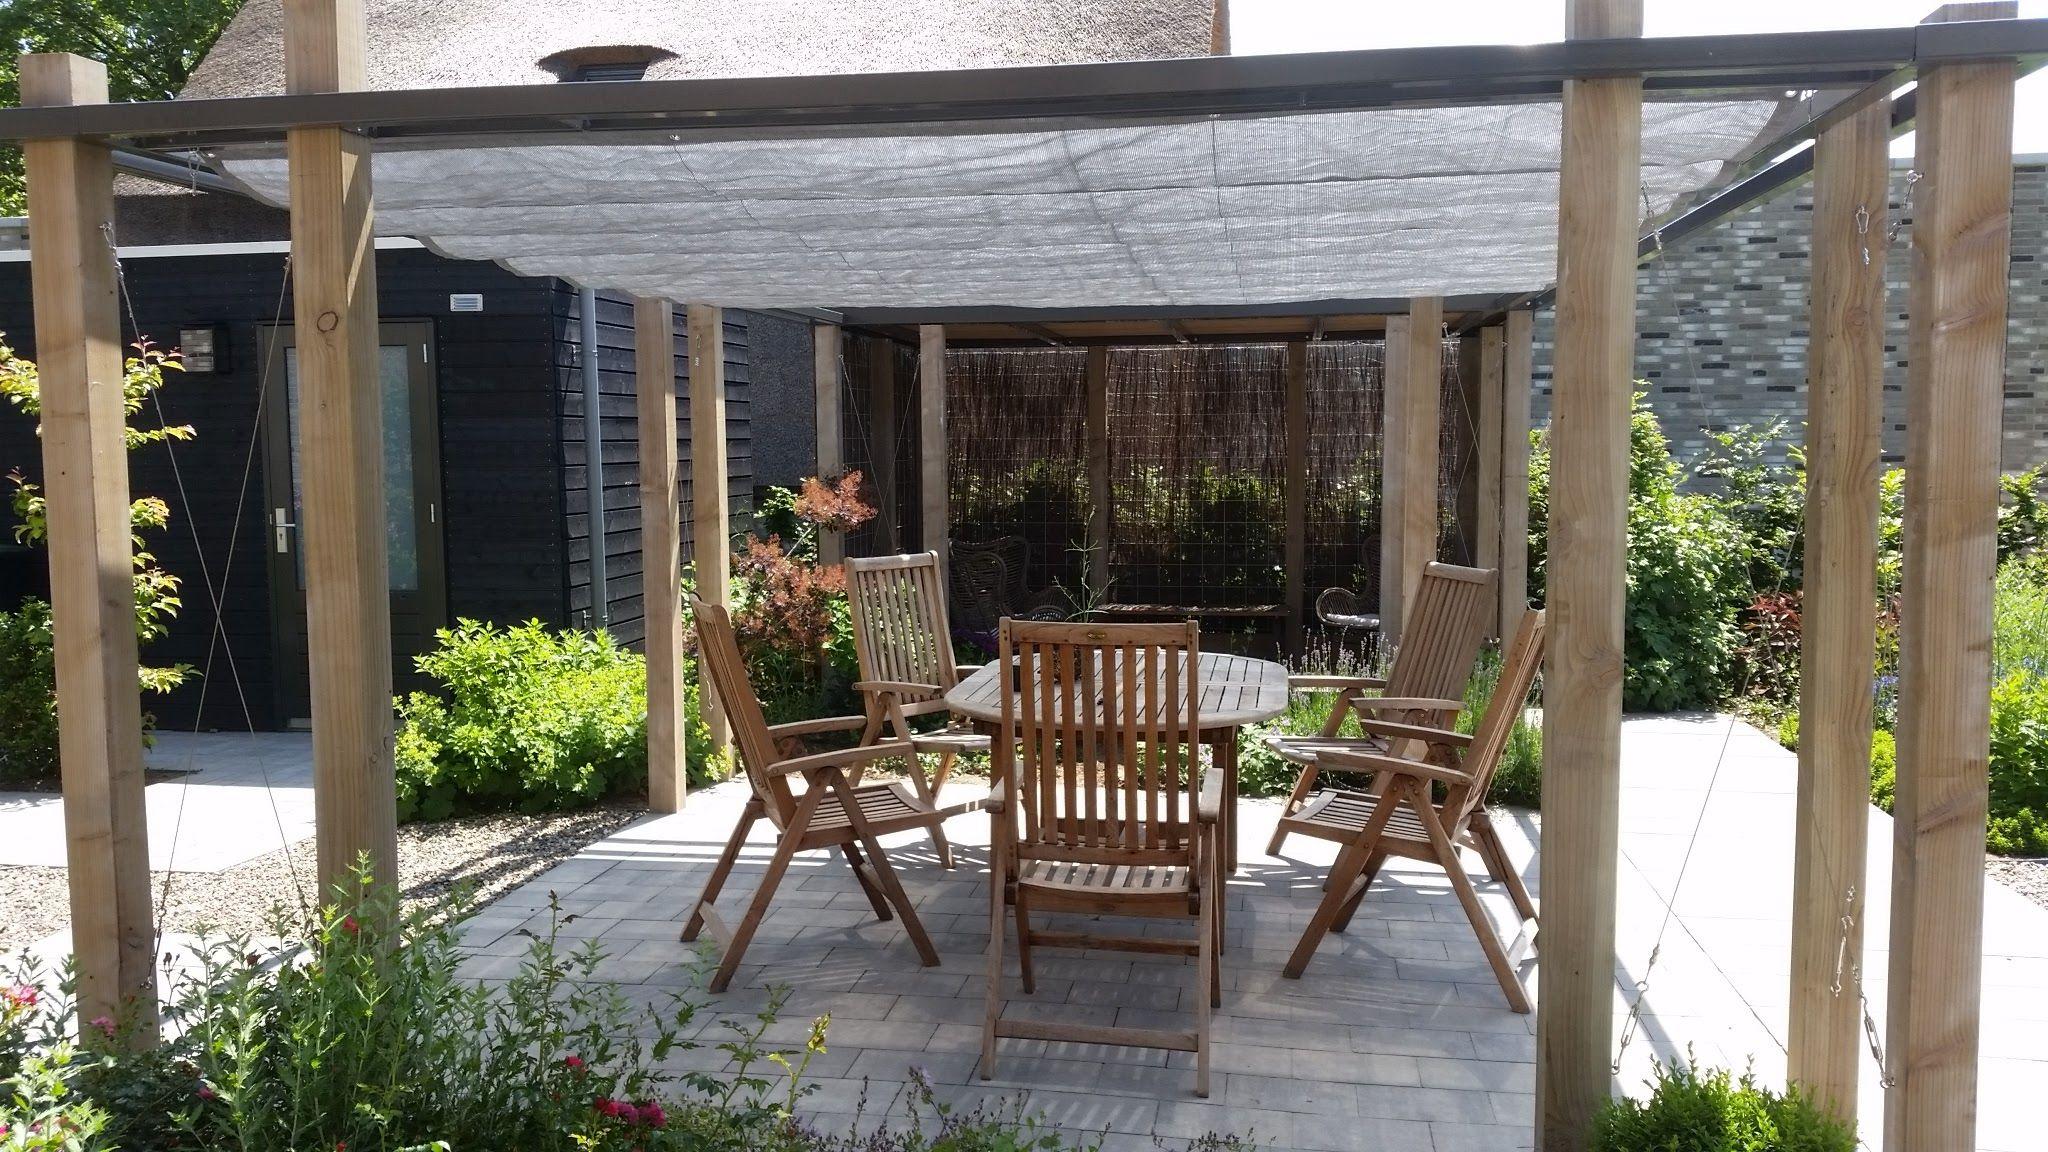 Schaduwlounge pergola met hout en staal en schaduwdoek moderne tuin pinterest staal hout - Pergola hout bedekt ...